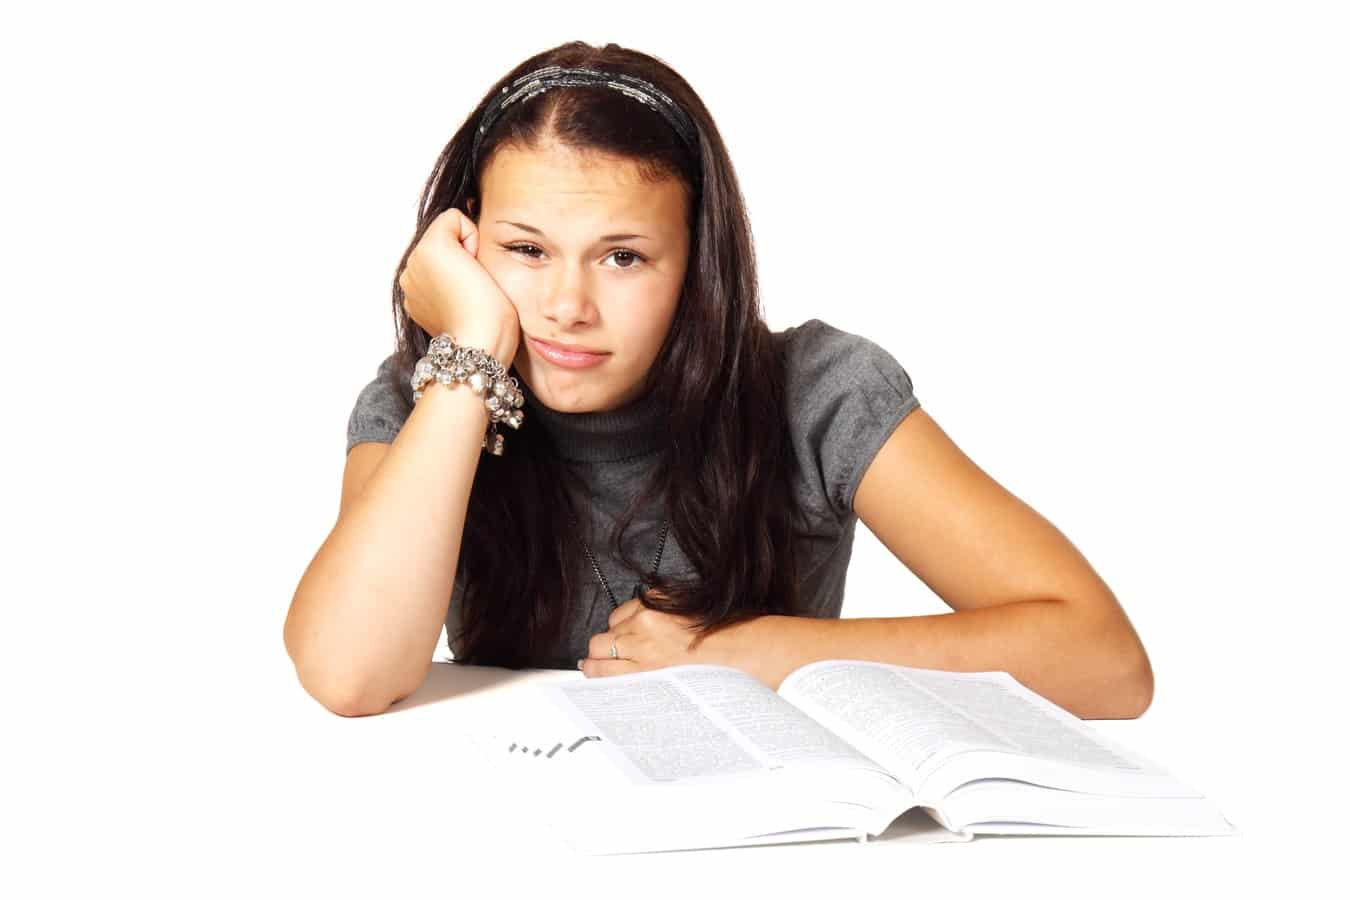 Quais as principais dificuldades em aprender inglês?